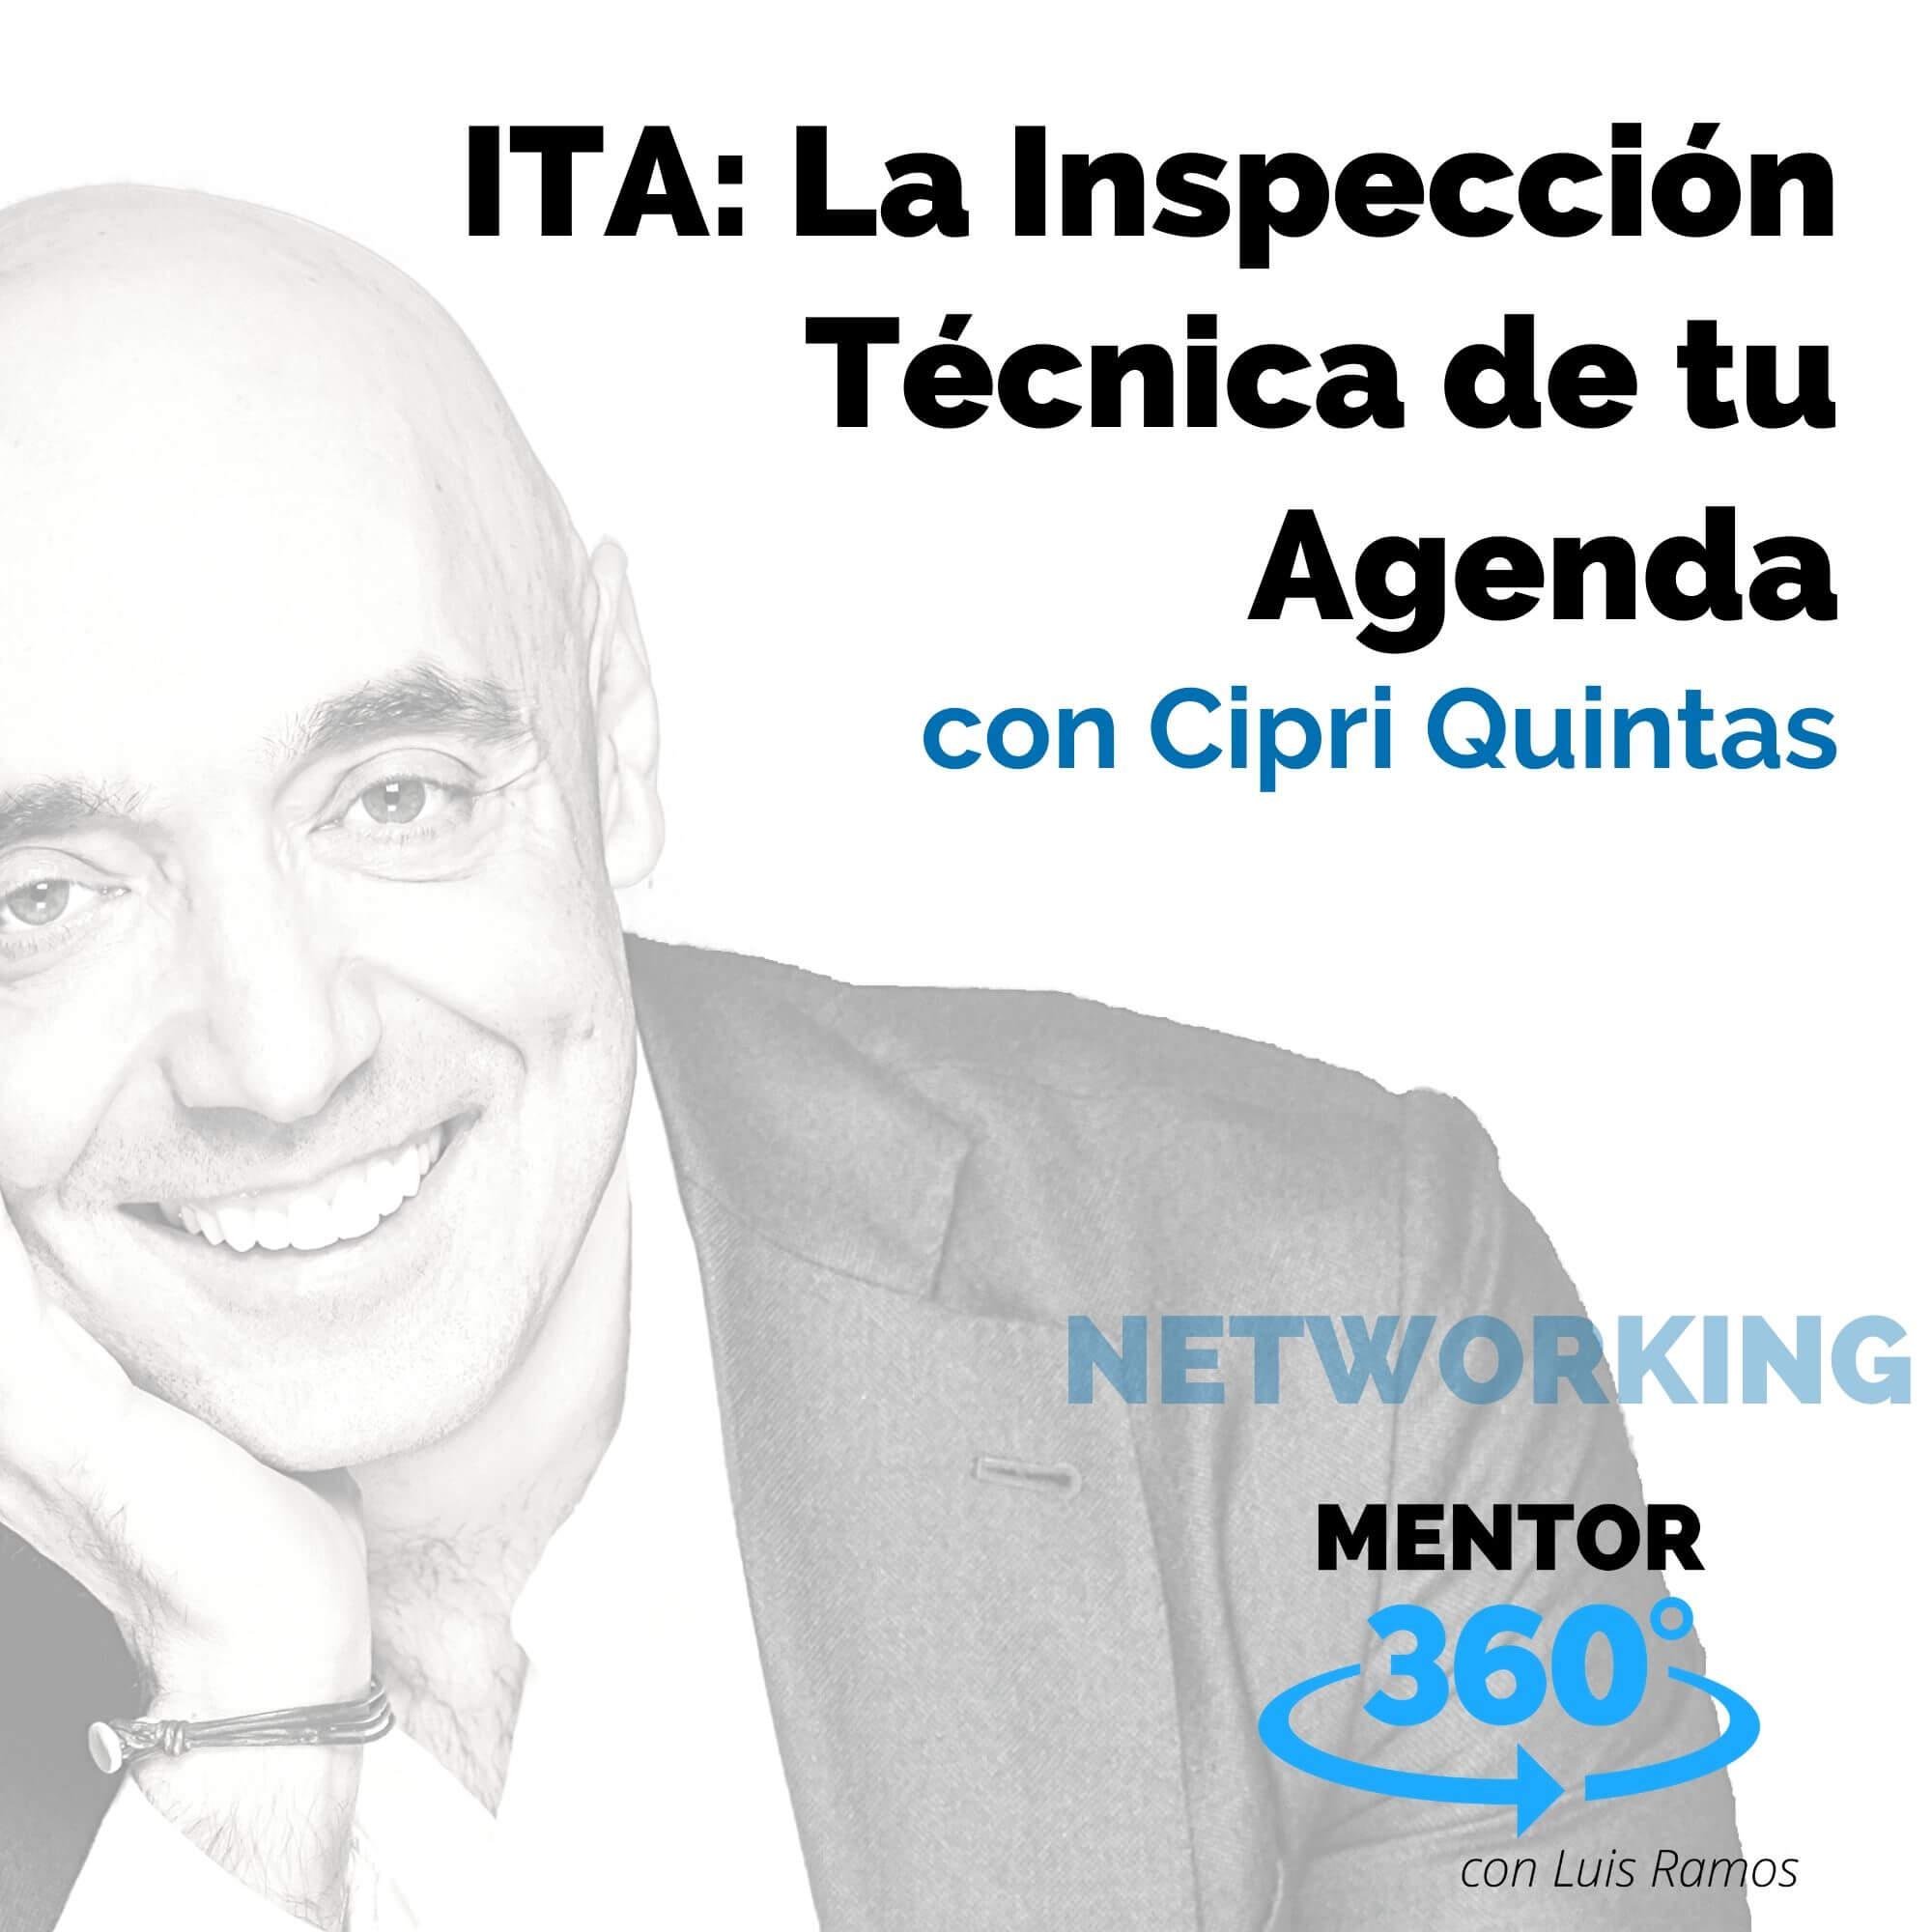 ITA: La Inspección Técnica de tu Agenda, con Cipri Quintas - NETWORKING